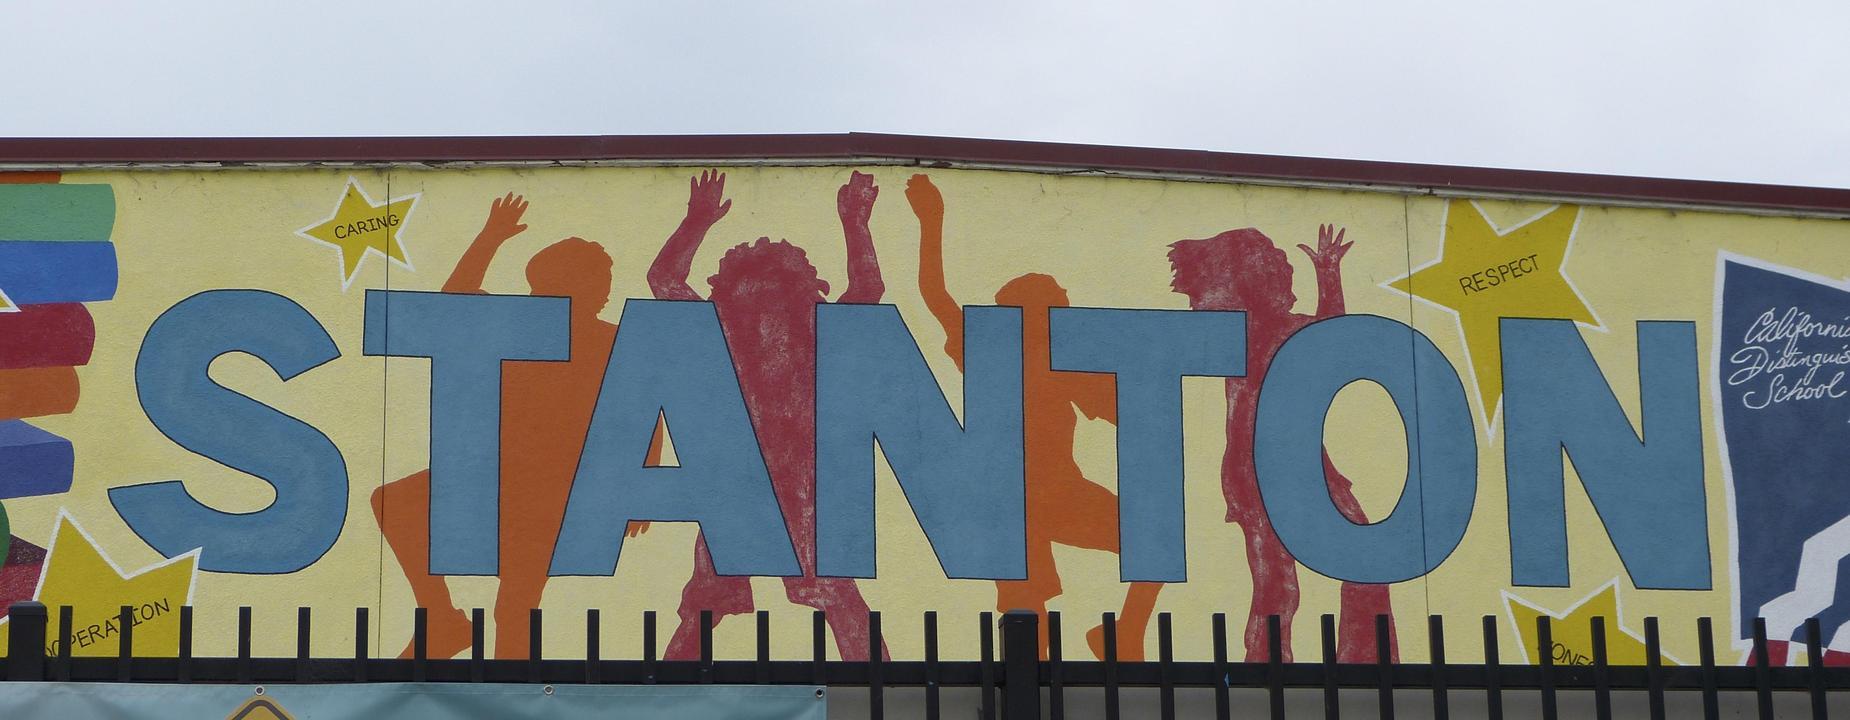 stanton mural